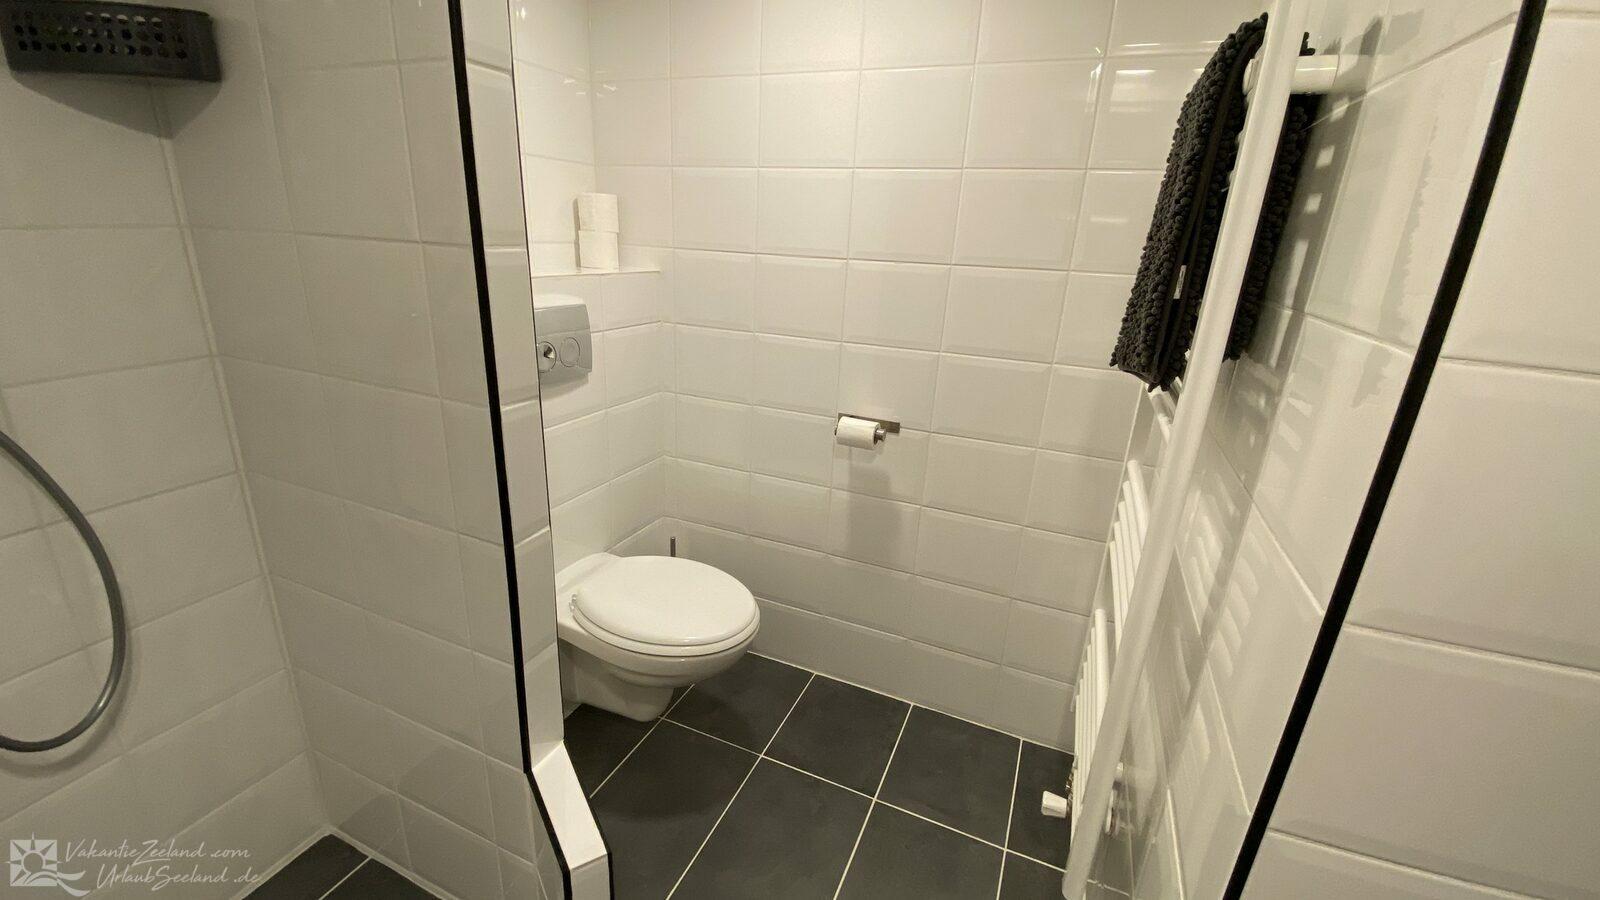 VZ959 Vakantieappartement in Centrum Vlissingen